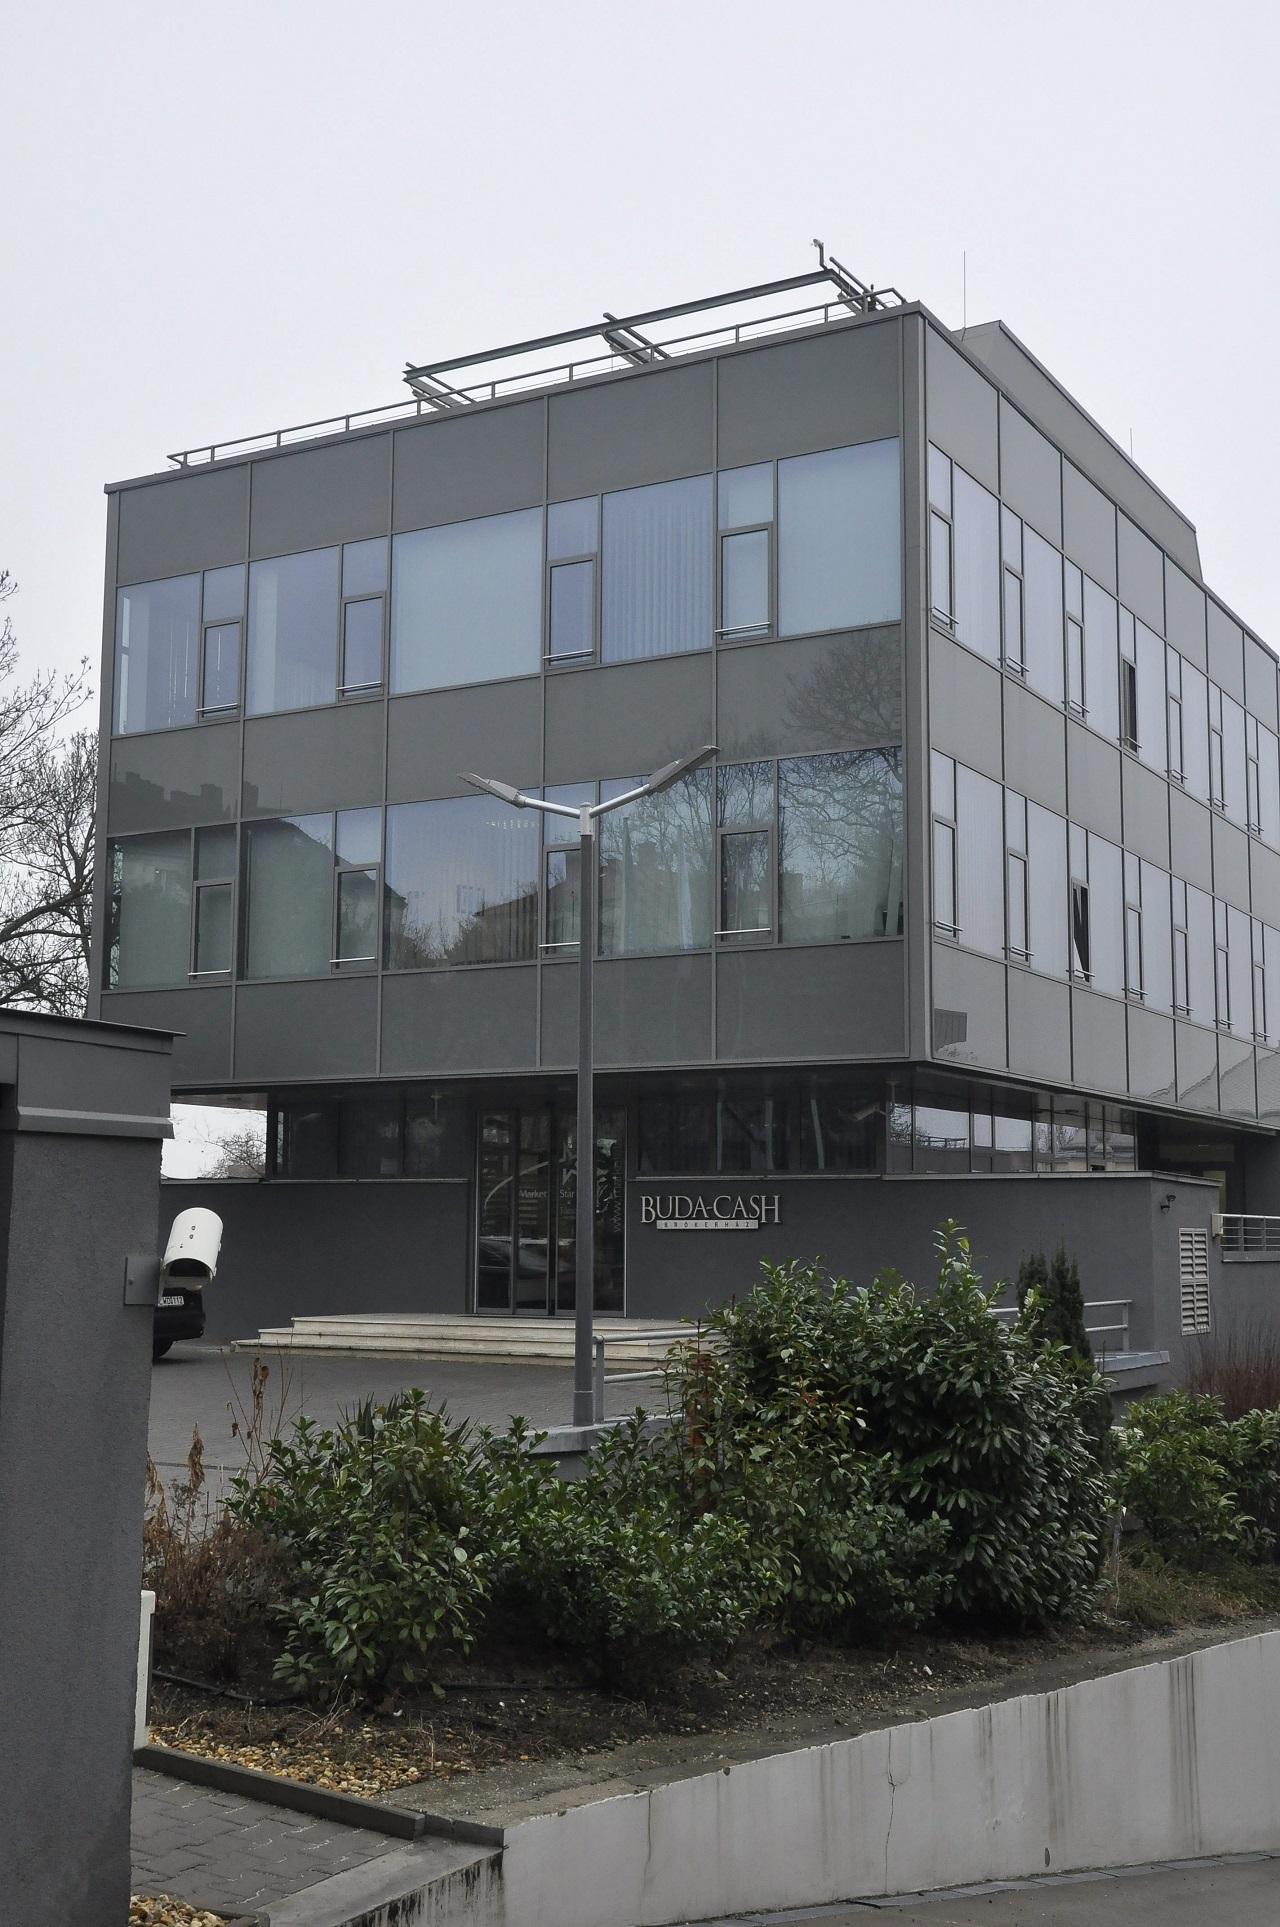 Matolcsy unokatestvérének bankja kapja meg a Buda-Cash ügyfélállományányát